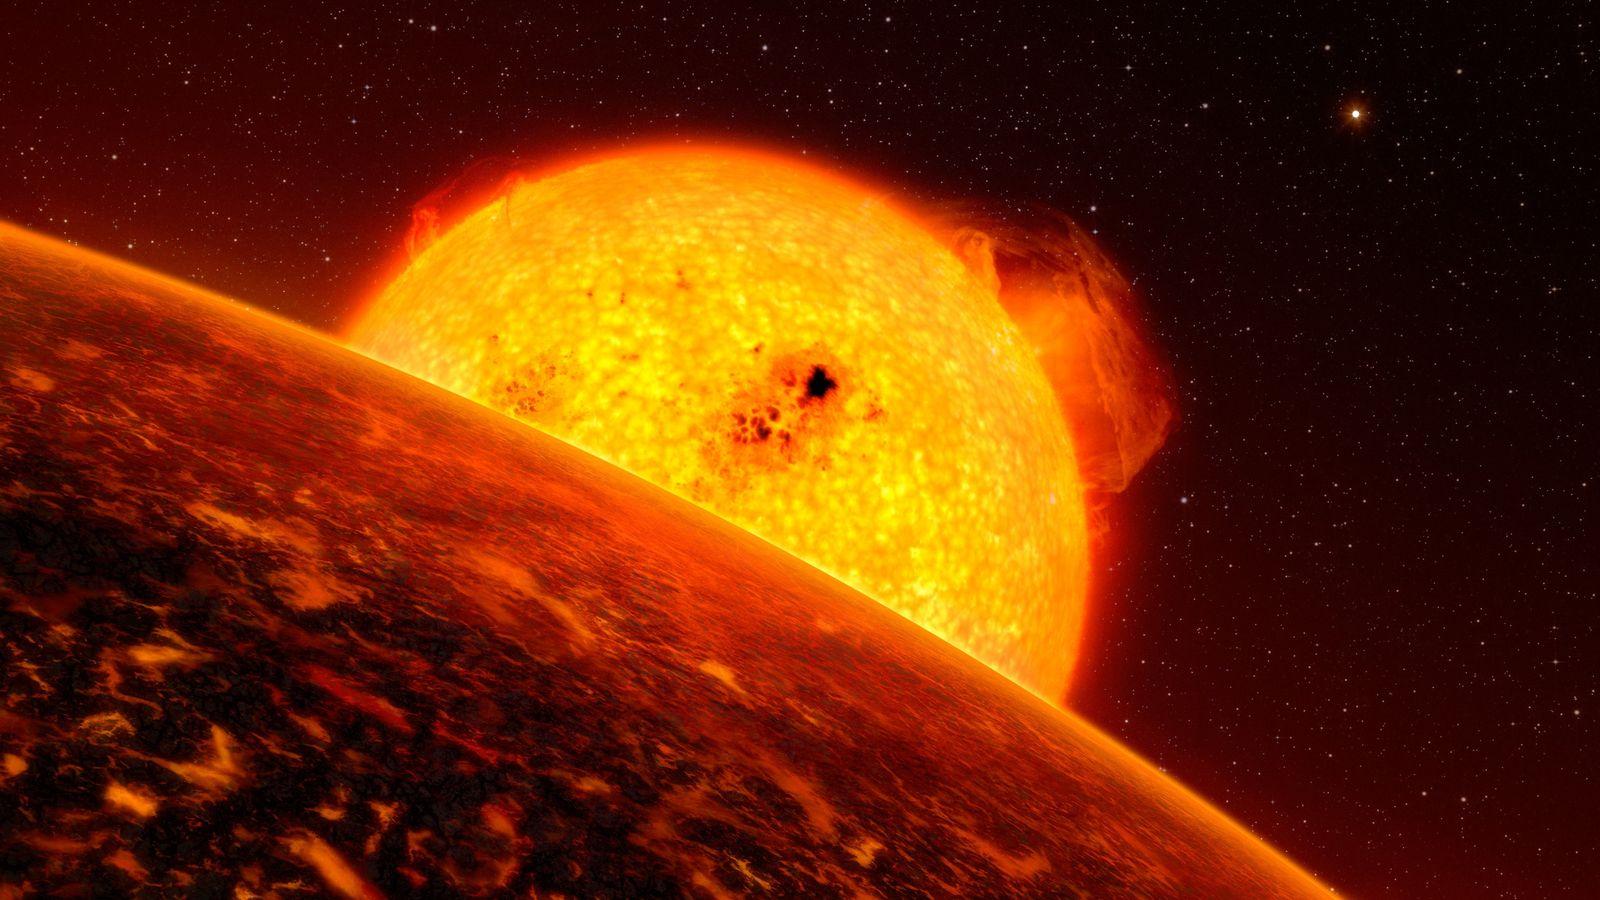 L'exoplanète Corot-7b, détectée dans le cadre de la mission européenne CoRot, est une planète rocheuse de ...